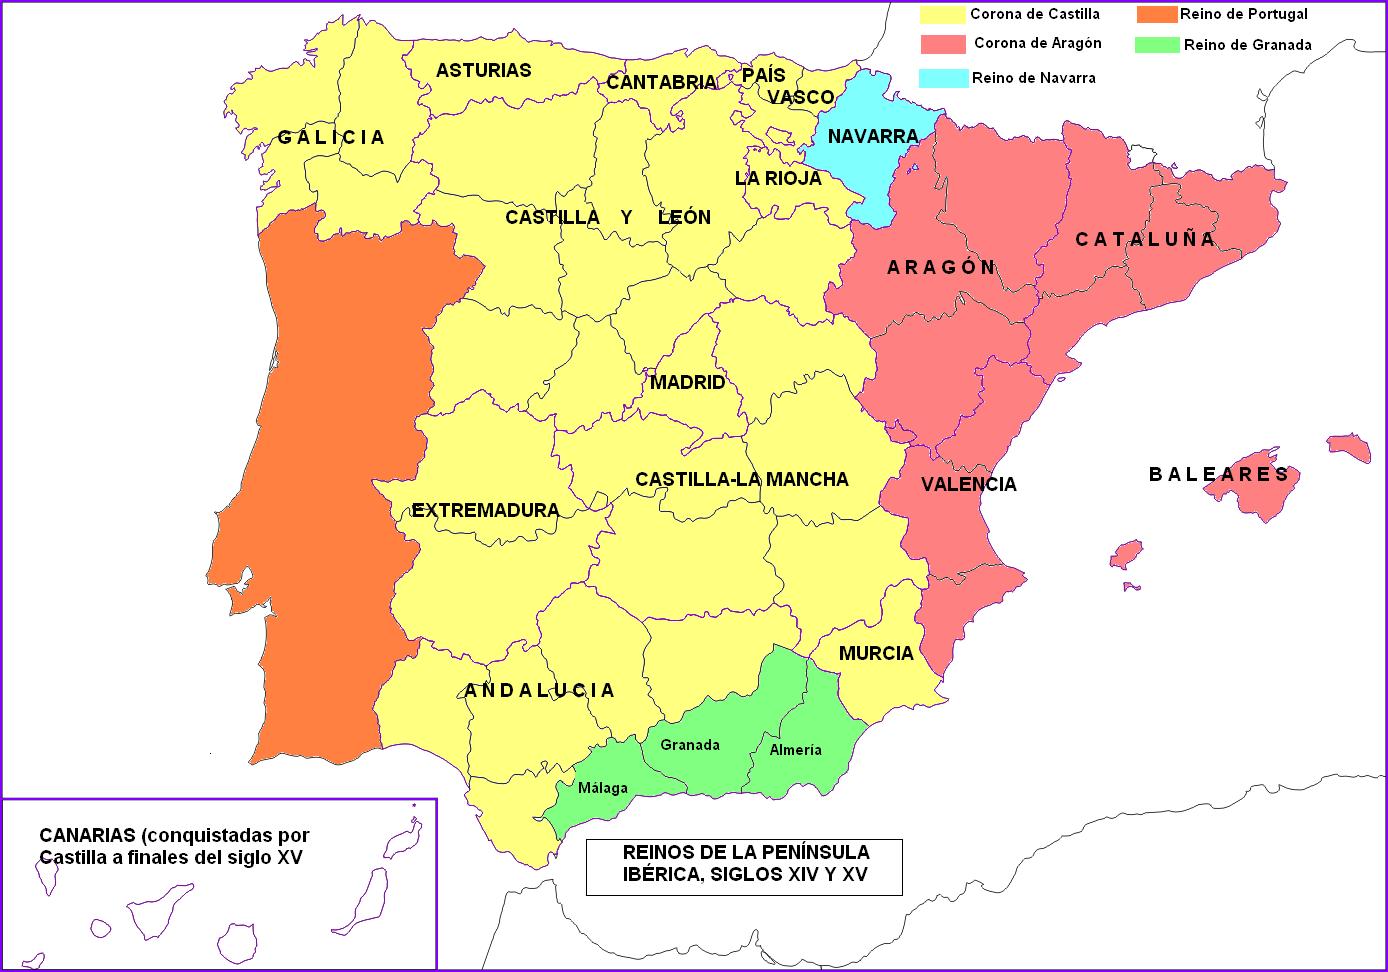 Blog de Sociales para el alumnado de 1º y 2º ESO: Tema 5. Los reinos cristianos peninsulares en ...